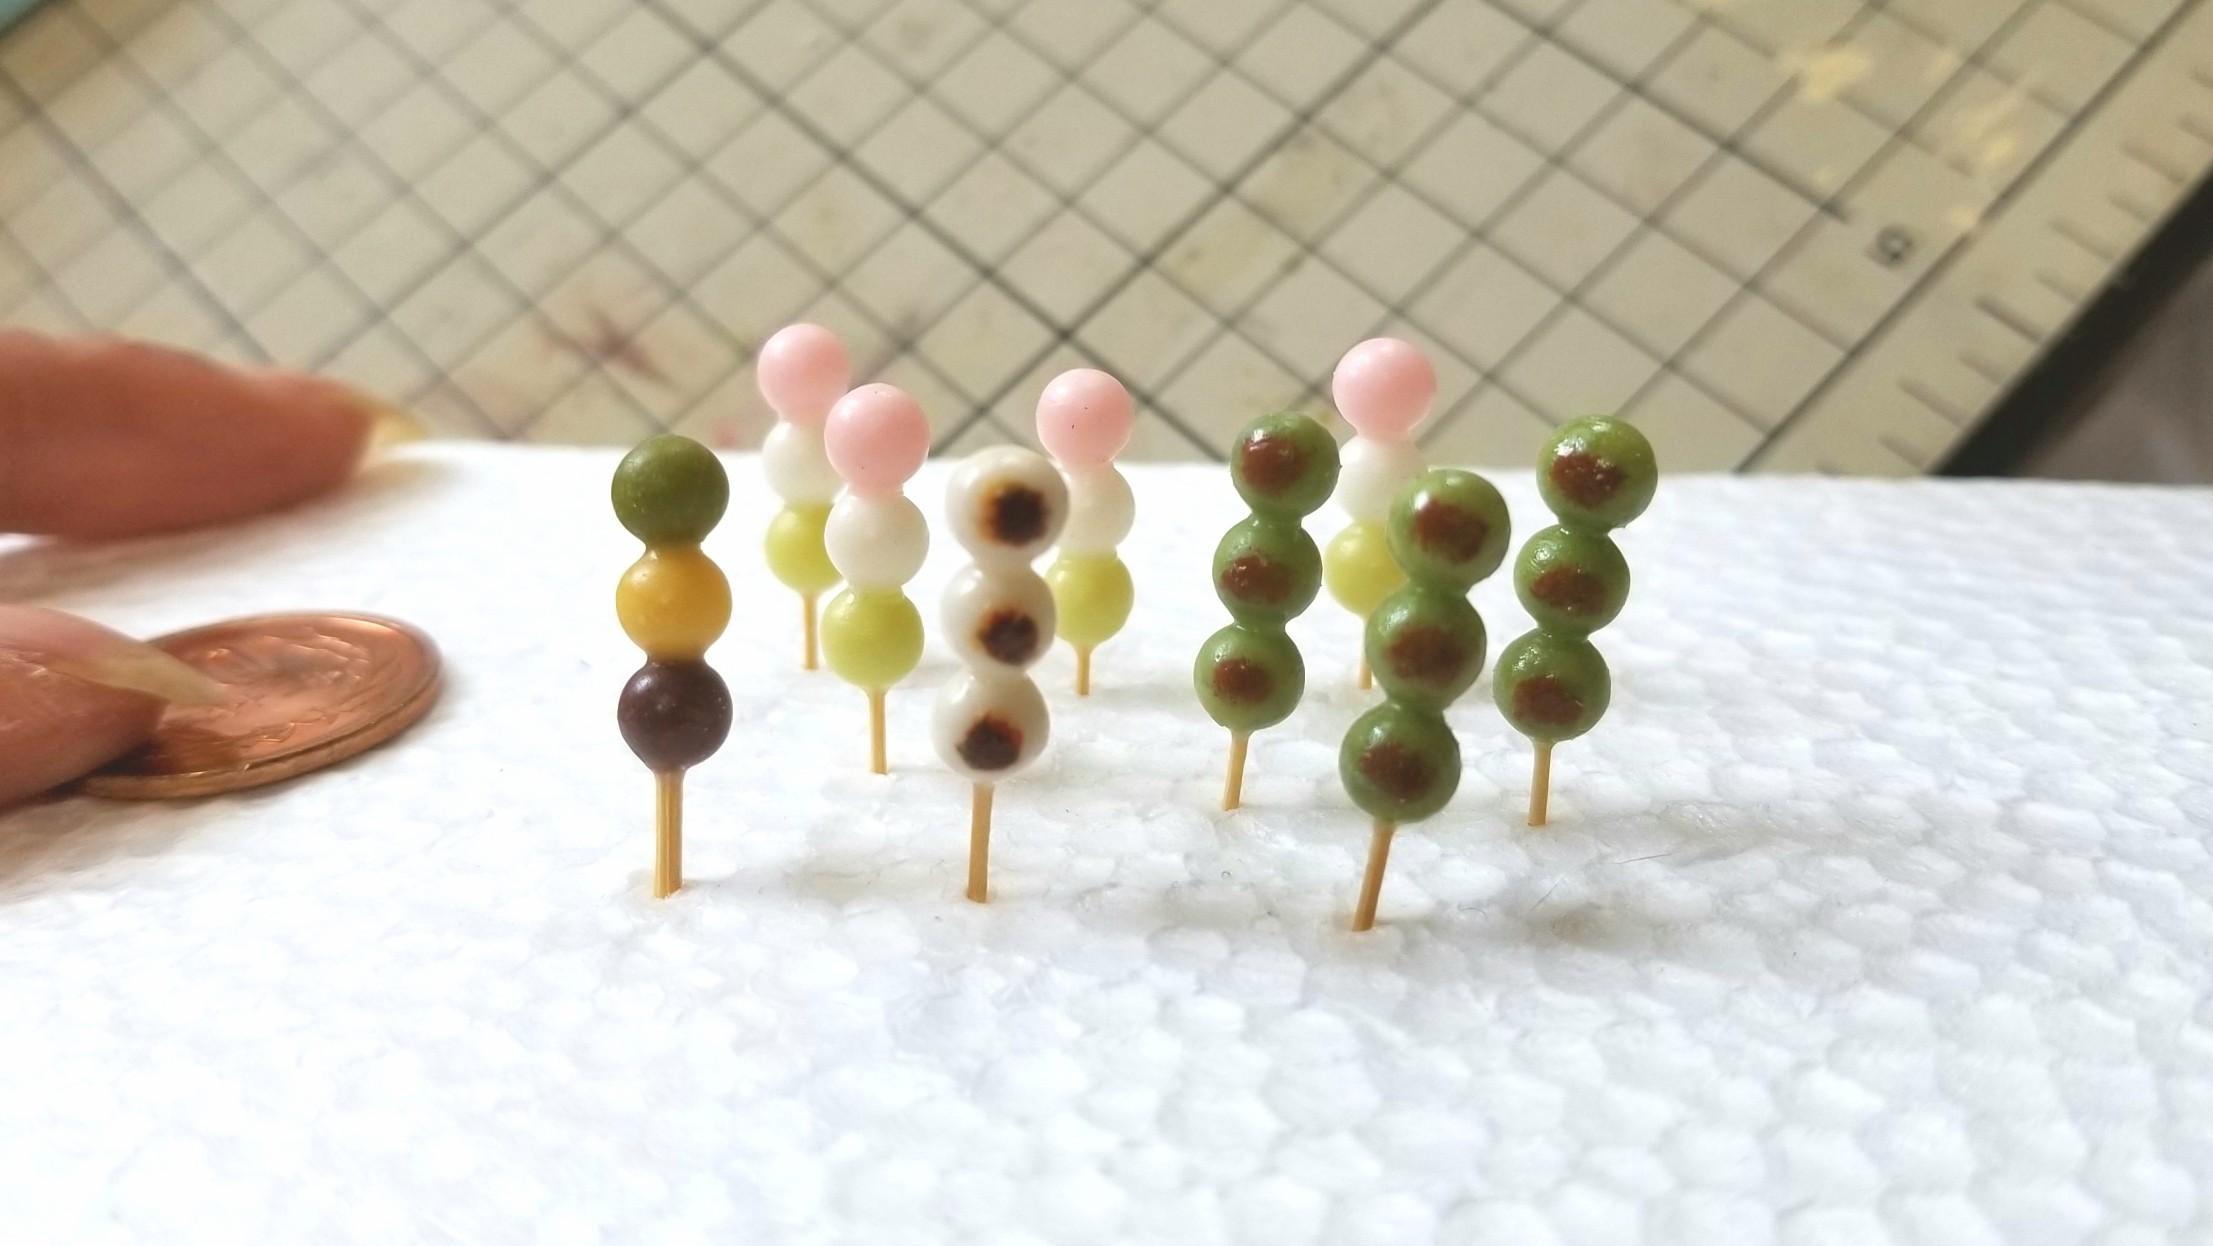 ミニチュアフード和菓子甘味お団子かわいいドール用品小物おもちゃ